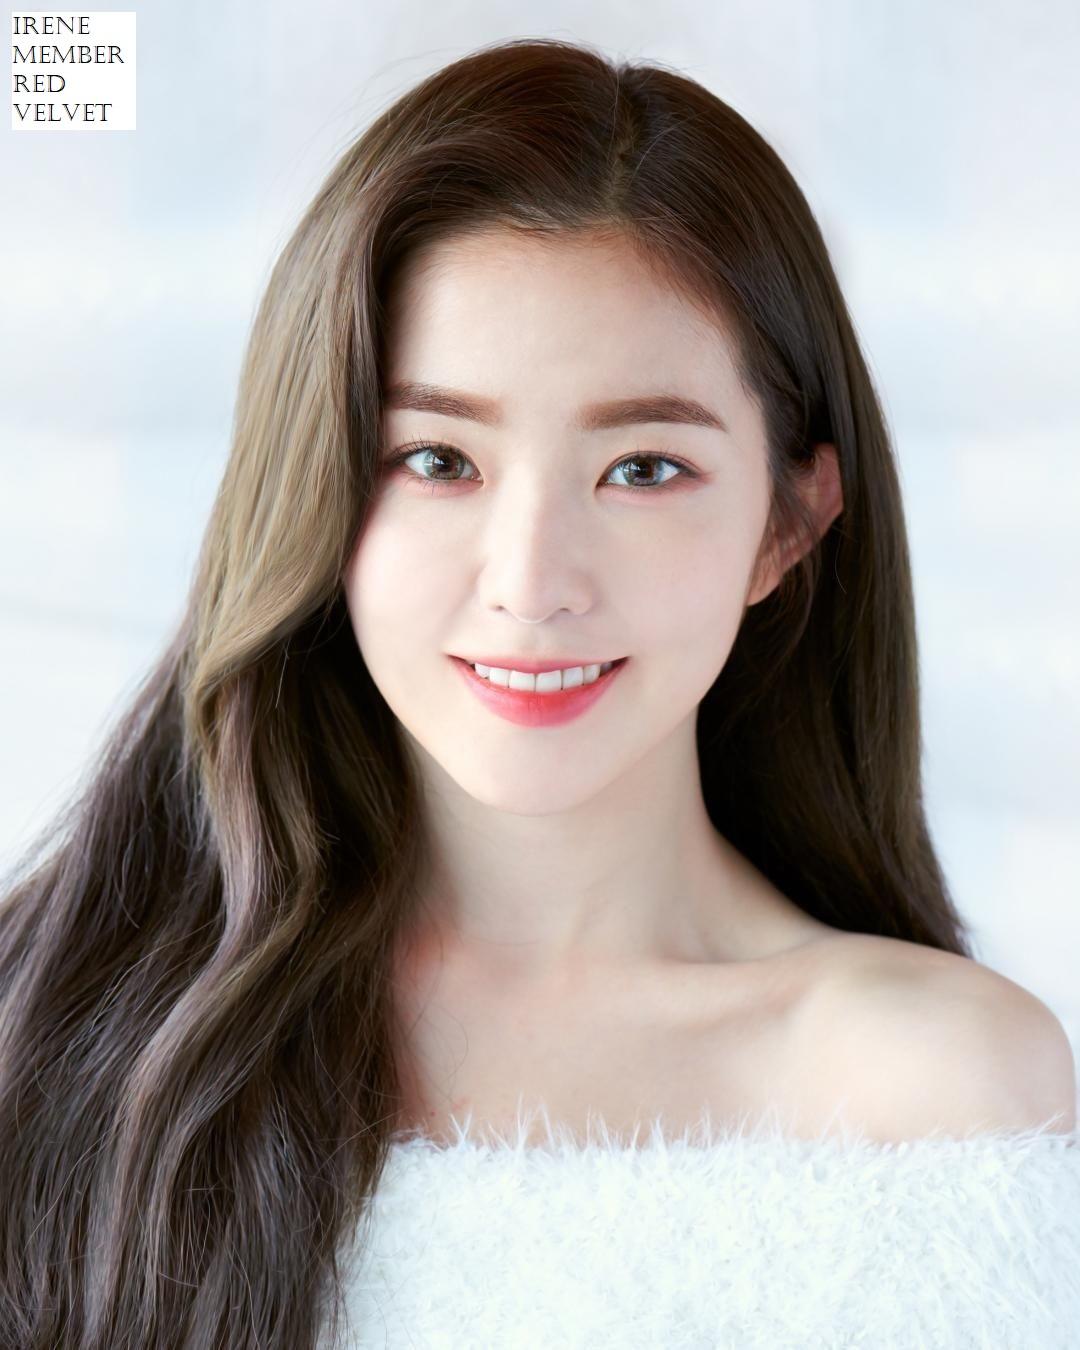 Irene Member Red Velvet